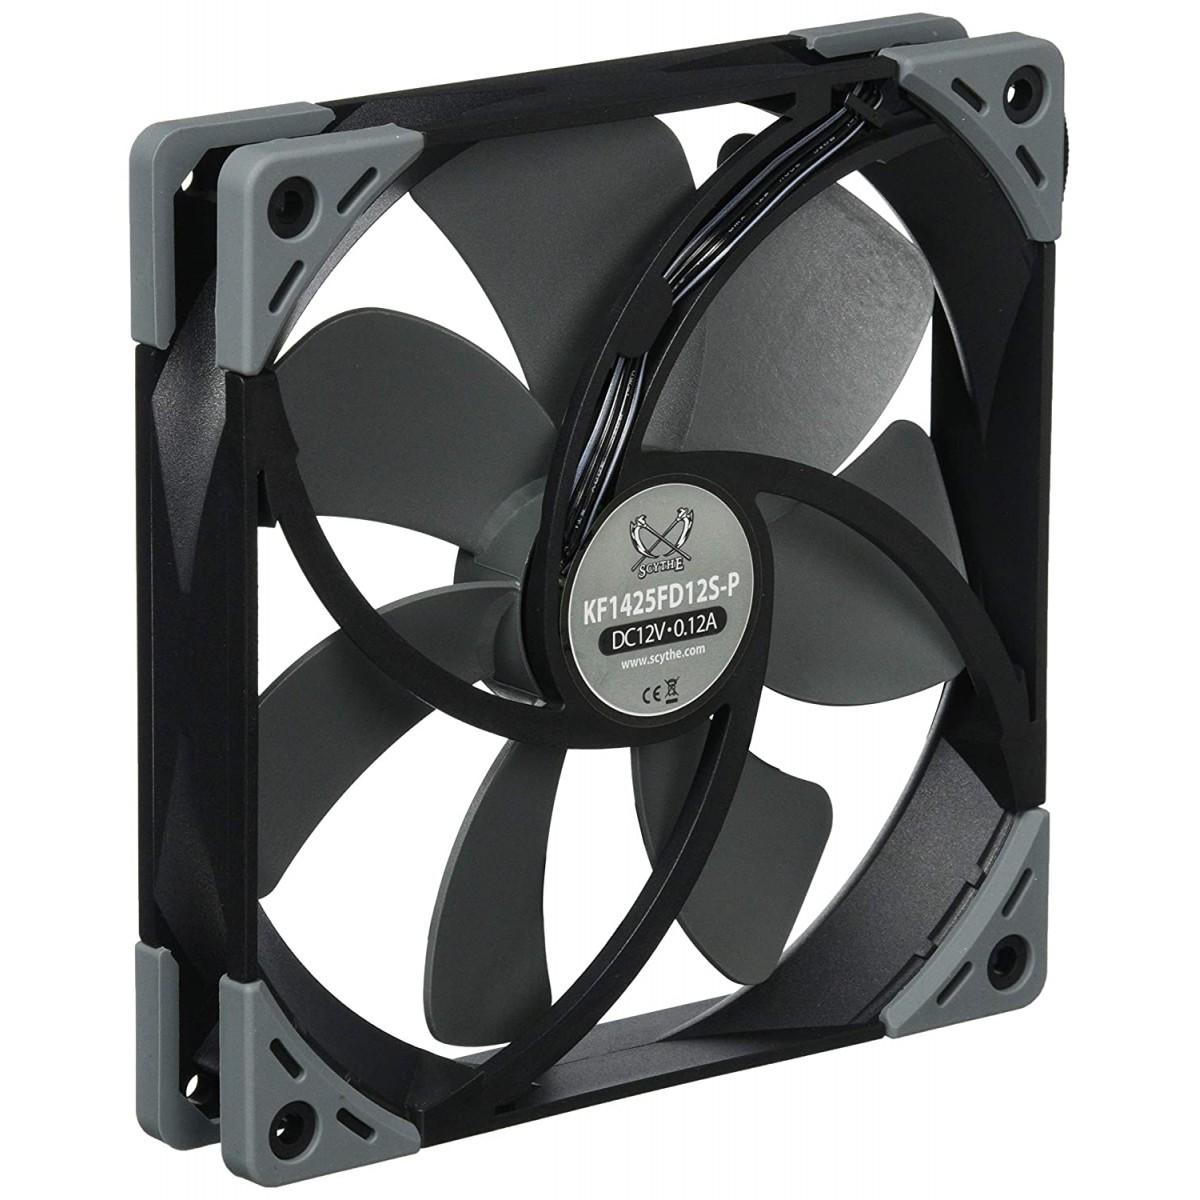 Cooler para Gabinete Scythe Kaze Flex 140, 140mm 1200 RPM, KF1425FD12S-P